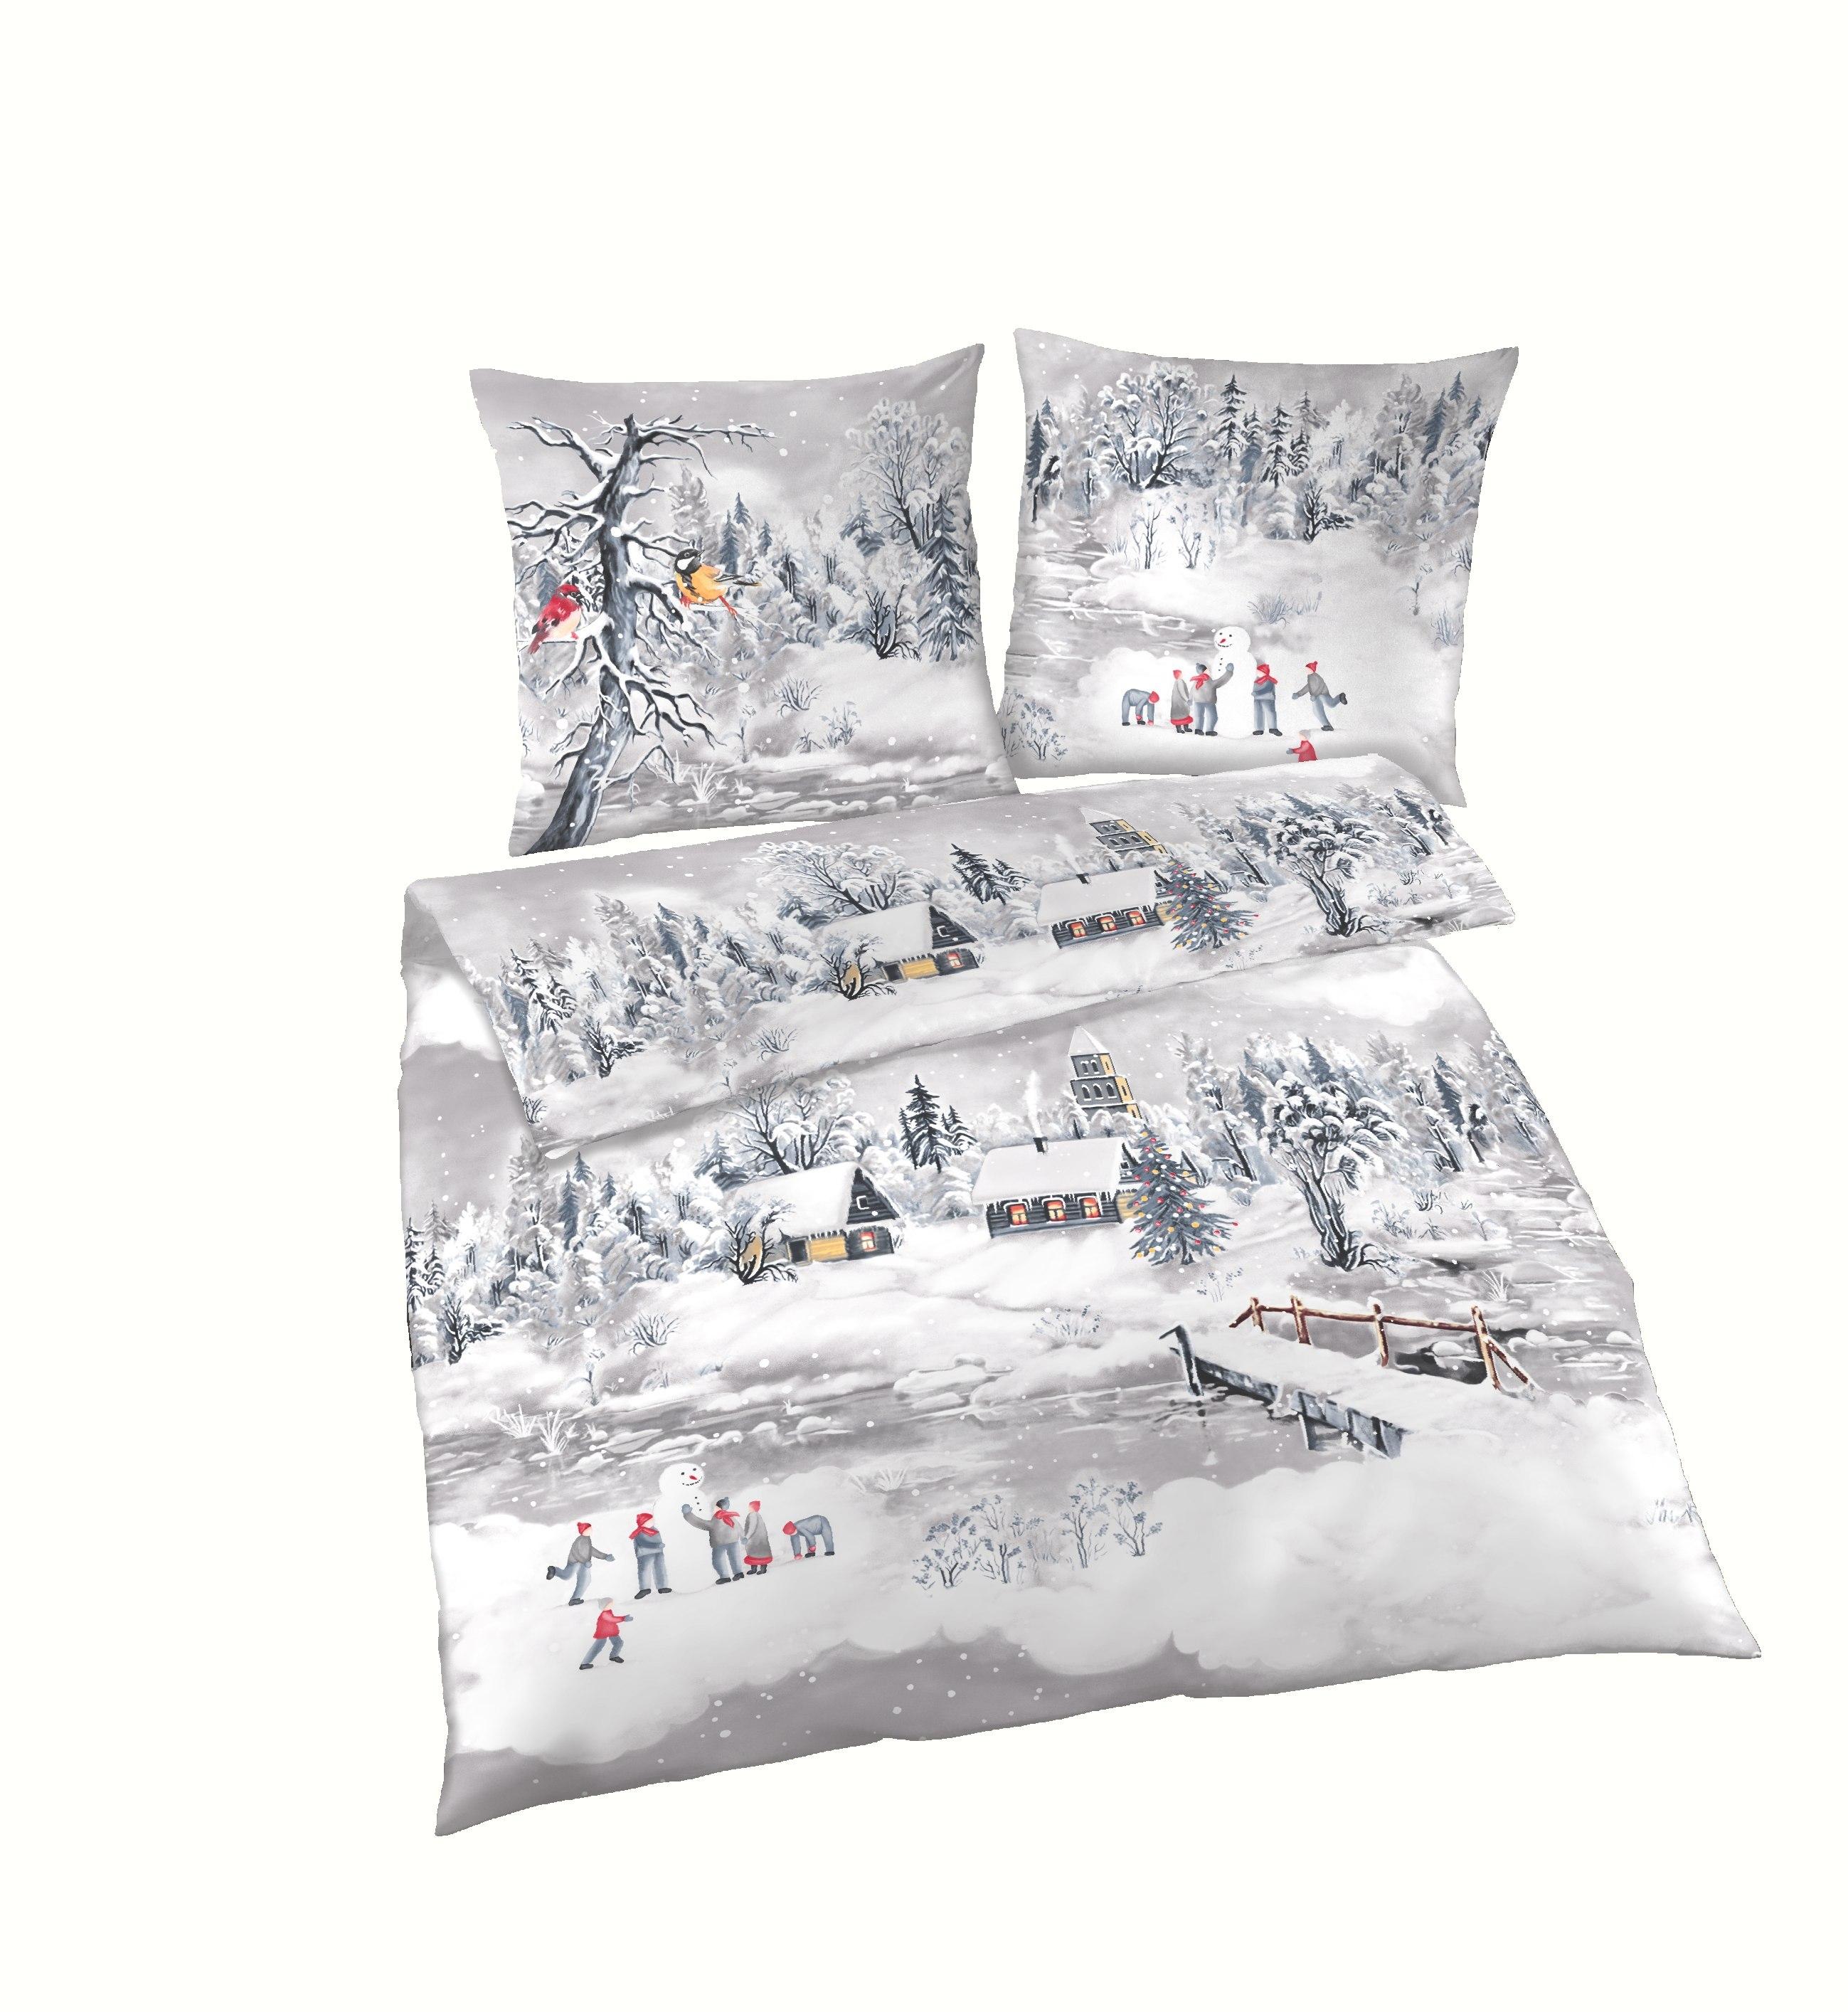 4 tlg bettw sche 155x220 cm winterlandschaft grau fein biber baumwolle b ware ebay. Black Bedroom Furniture Sets. Home Design Ideas